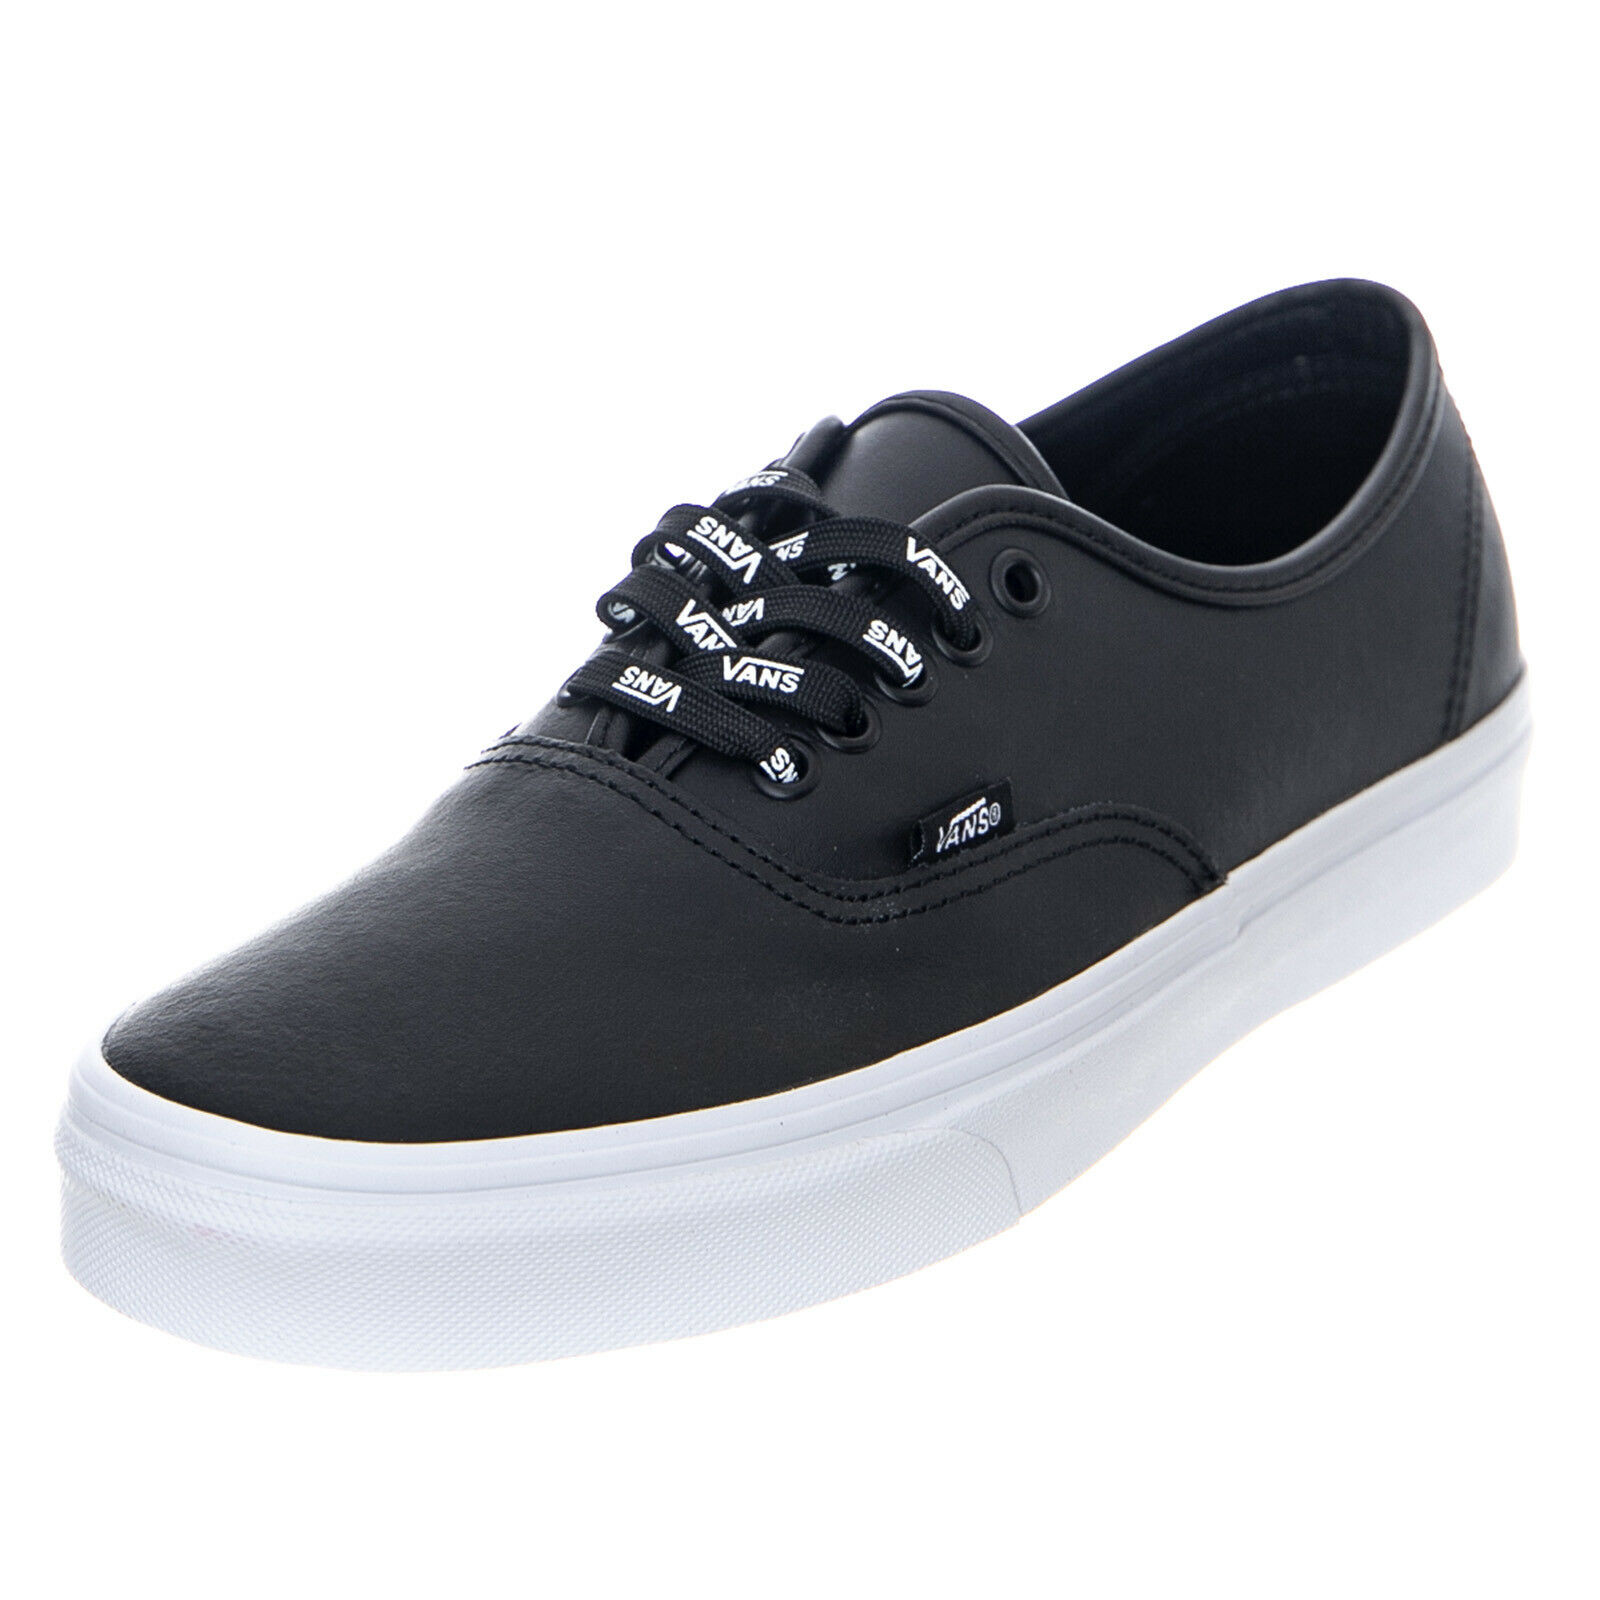 Vans Ua Original - otw Webbing - Black - Sneakers Low Man's Black